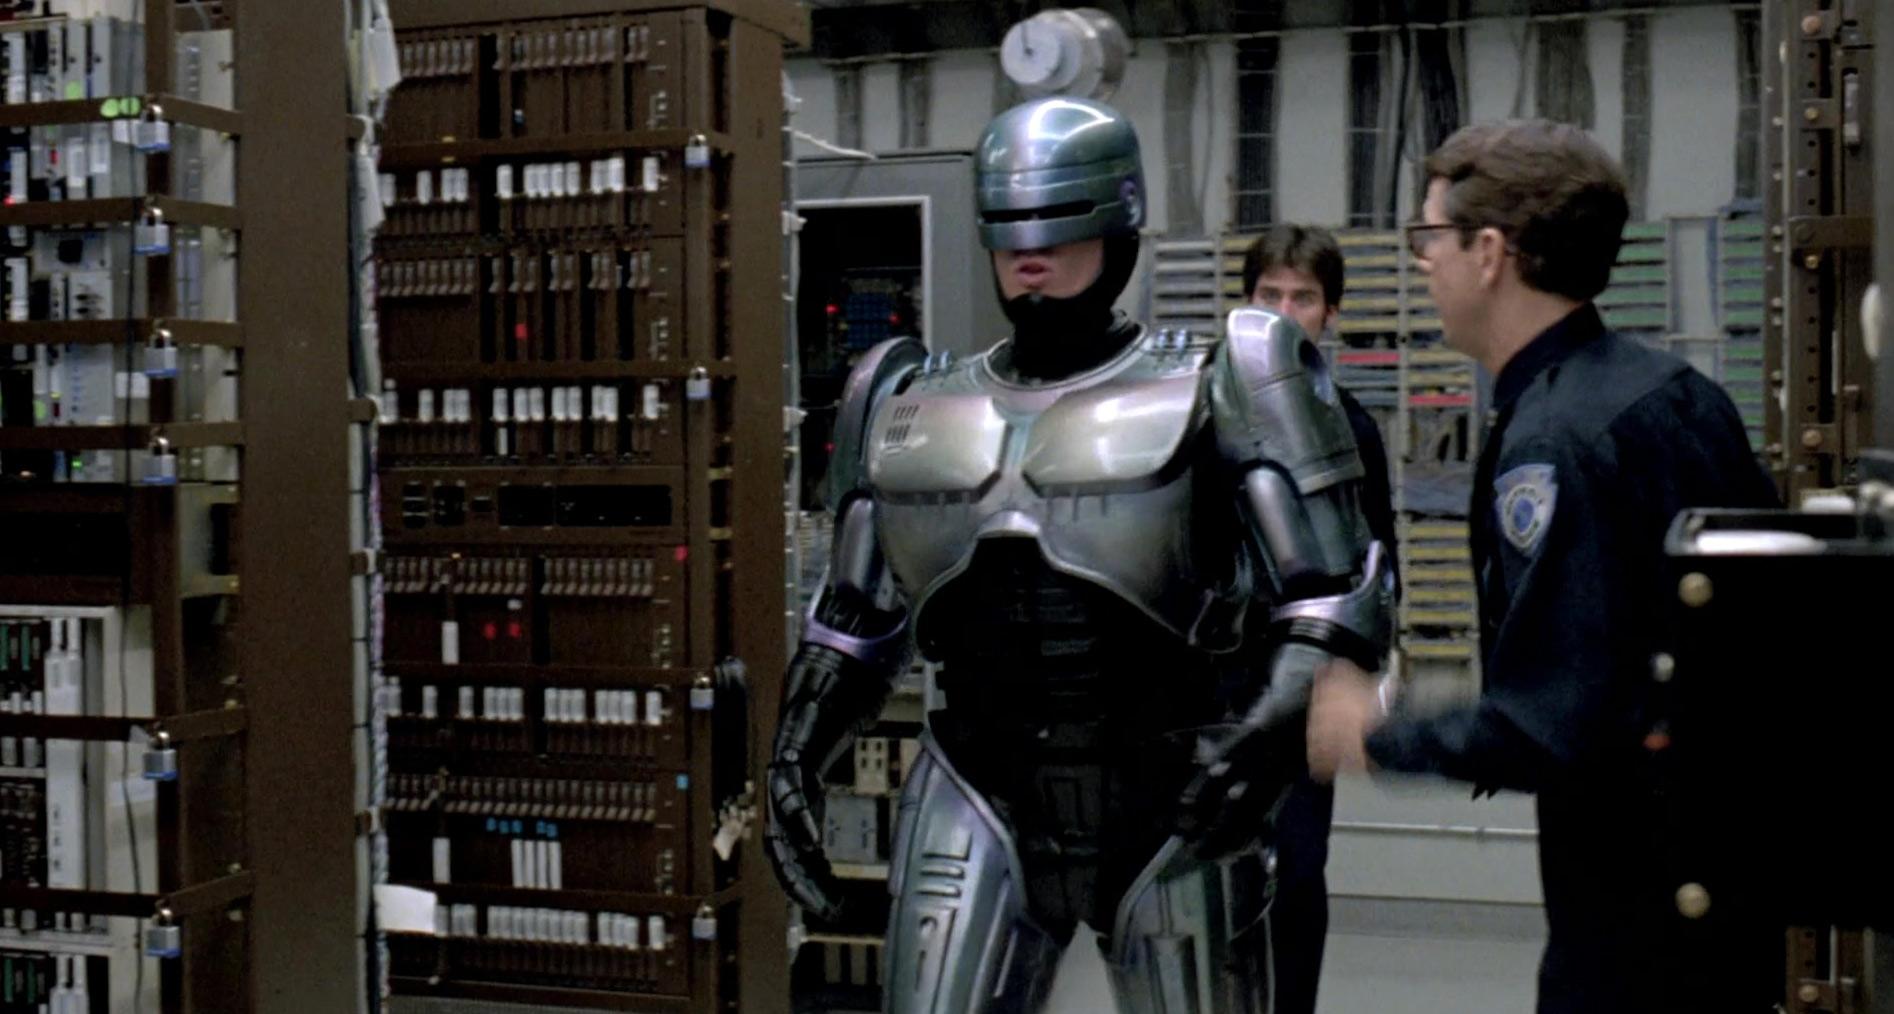 Robocop walking.jpg